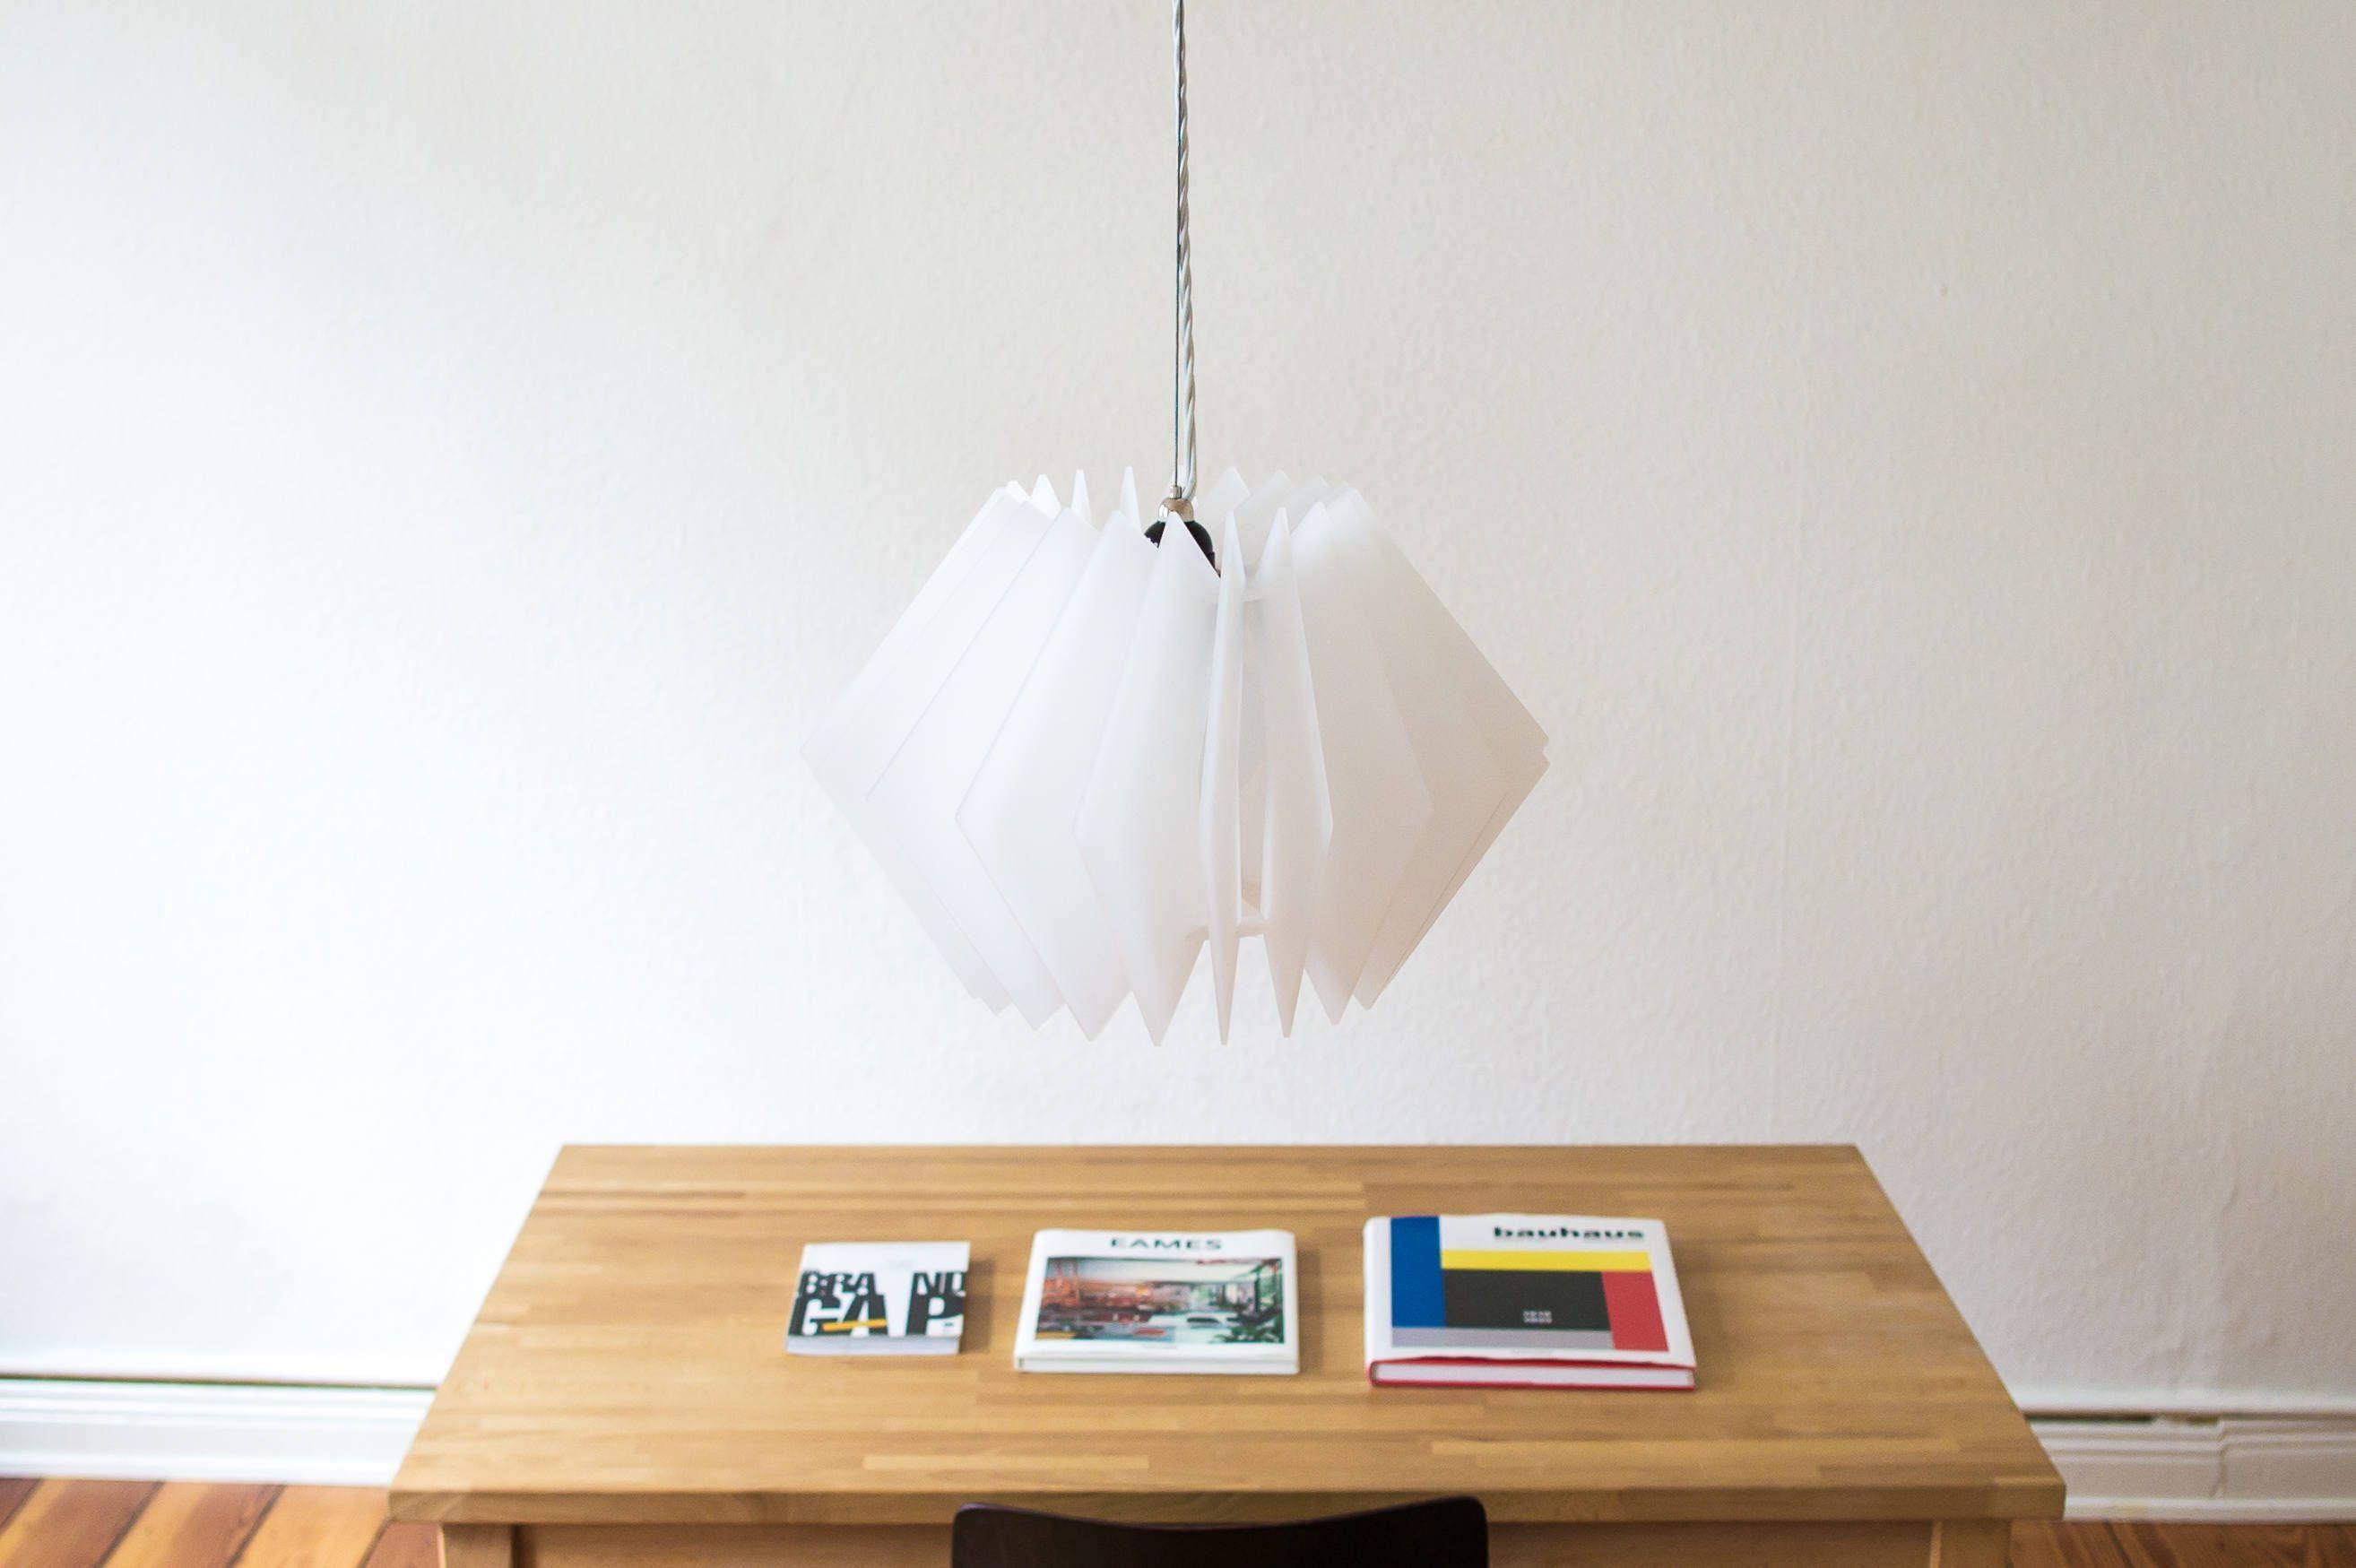 Die L16 Lampen Serie ist eine dekorative und handgefertigte Acrylglas Designer Lampe, in moderner Optik, für eine stimmungsvolle Beleuchtung in deinem Zuhause. Hängelampe, Tisch Lampe, Lampenschirm, Wohnzimmer leuchte, Deckenlampe, Design Lampe, Laser cut Einrichtung, Kinderzimmer Lampe, Beleuchtung von UnikatUndKleinserie auf Etsy